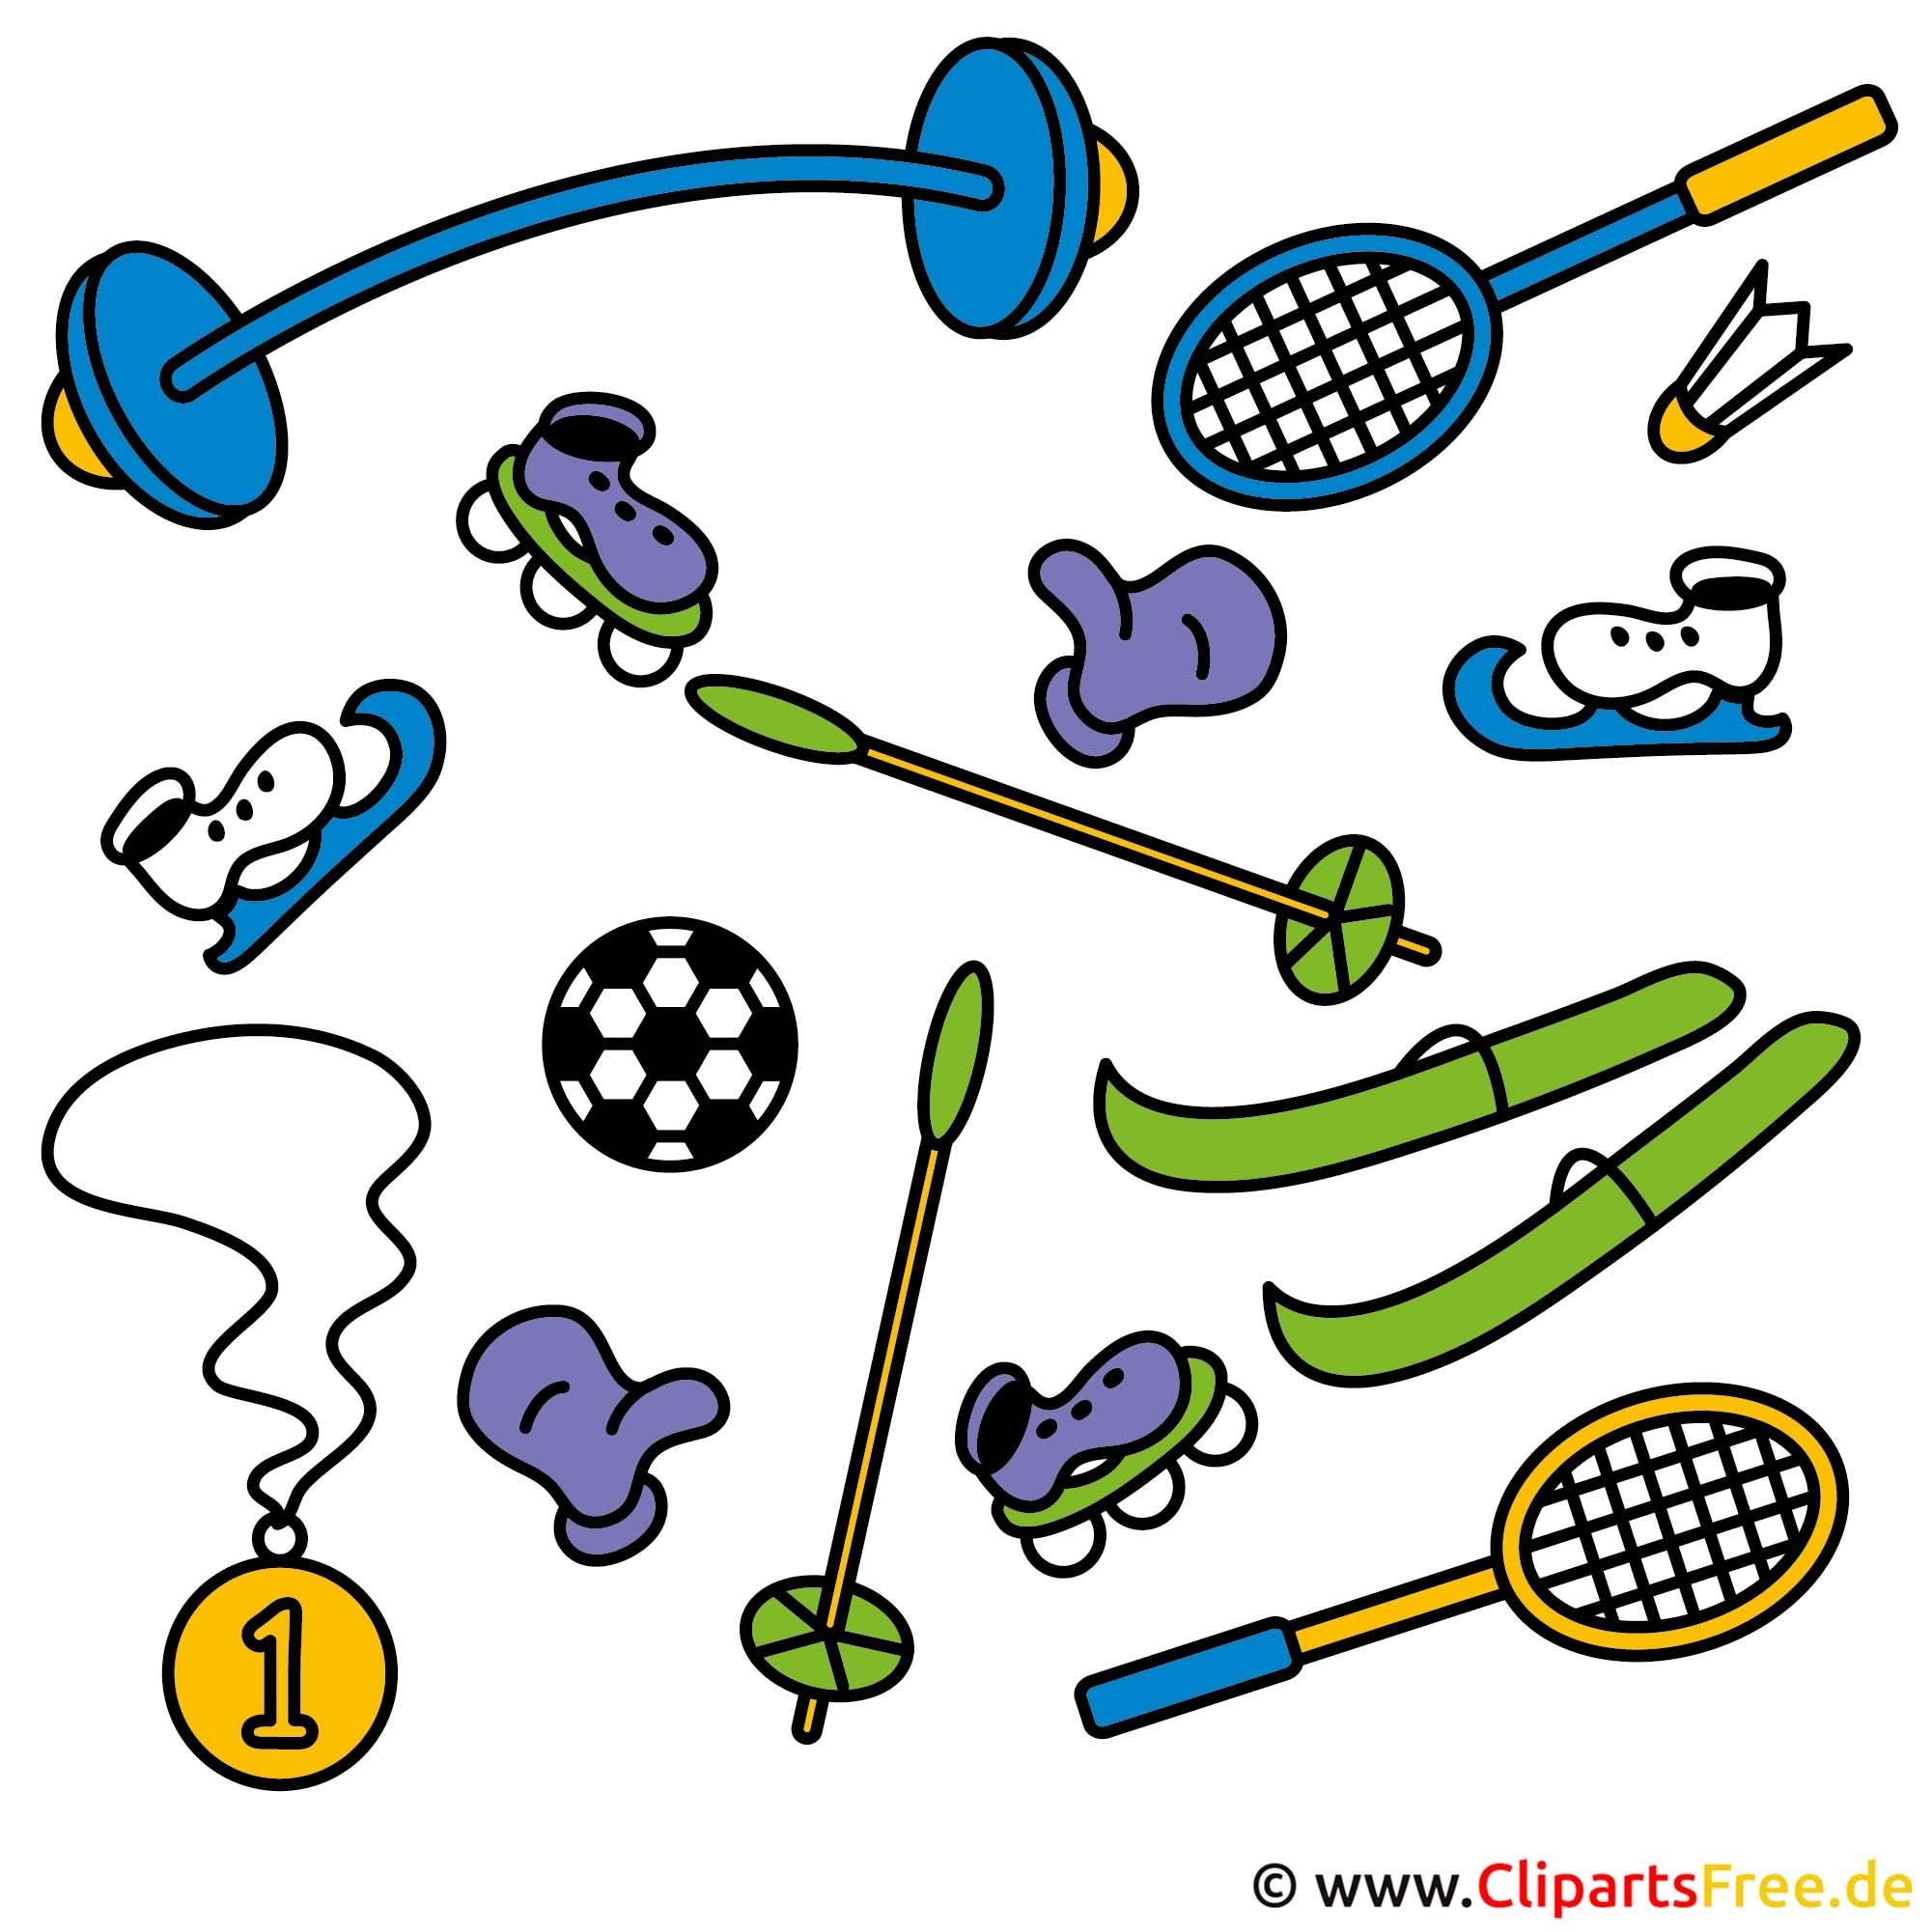 Sportbilder kostenlos- Sport Clip Art free